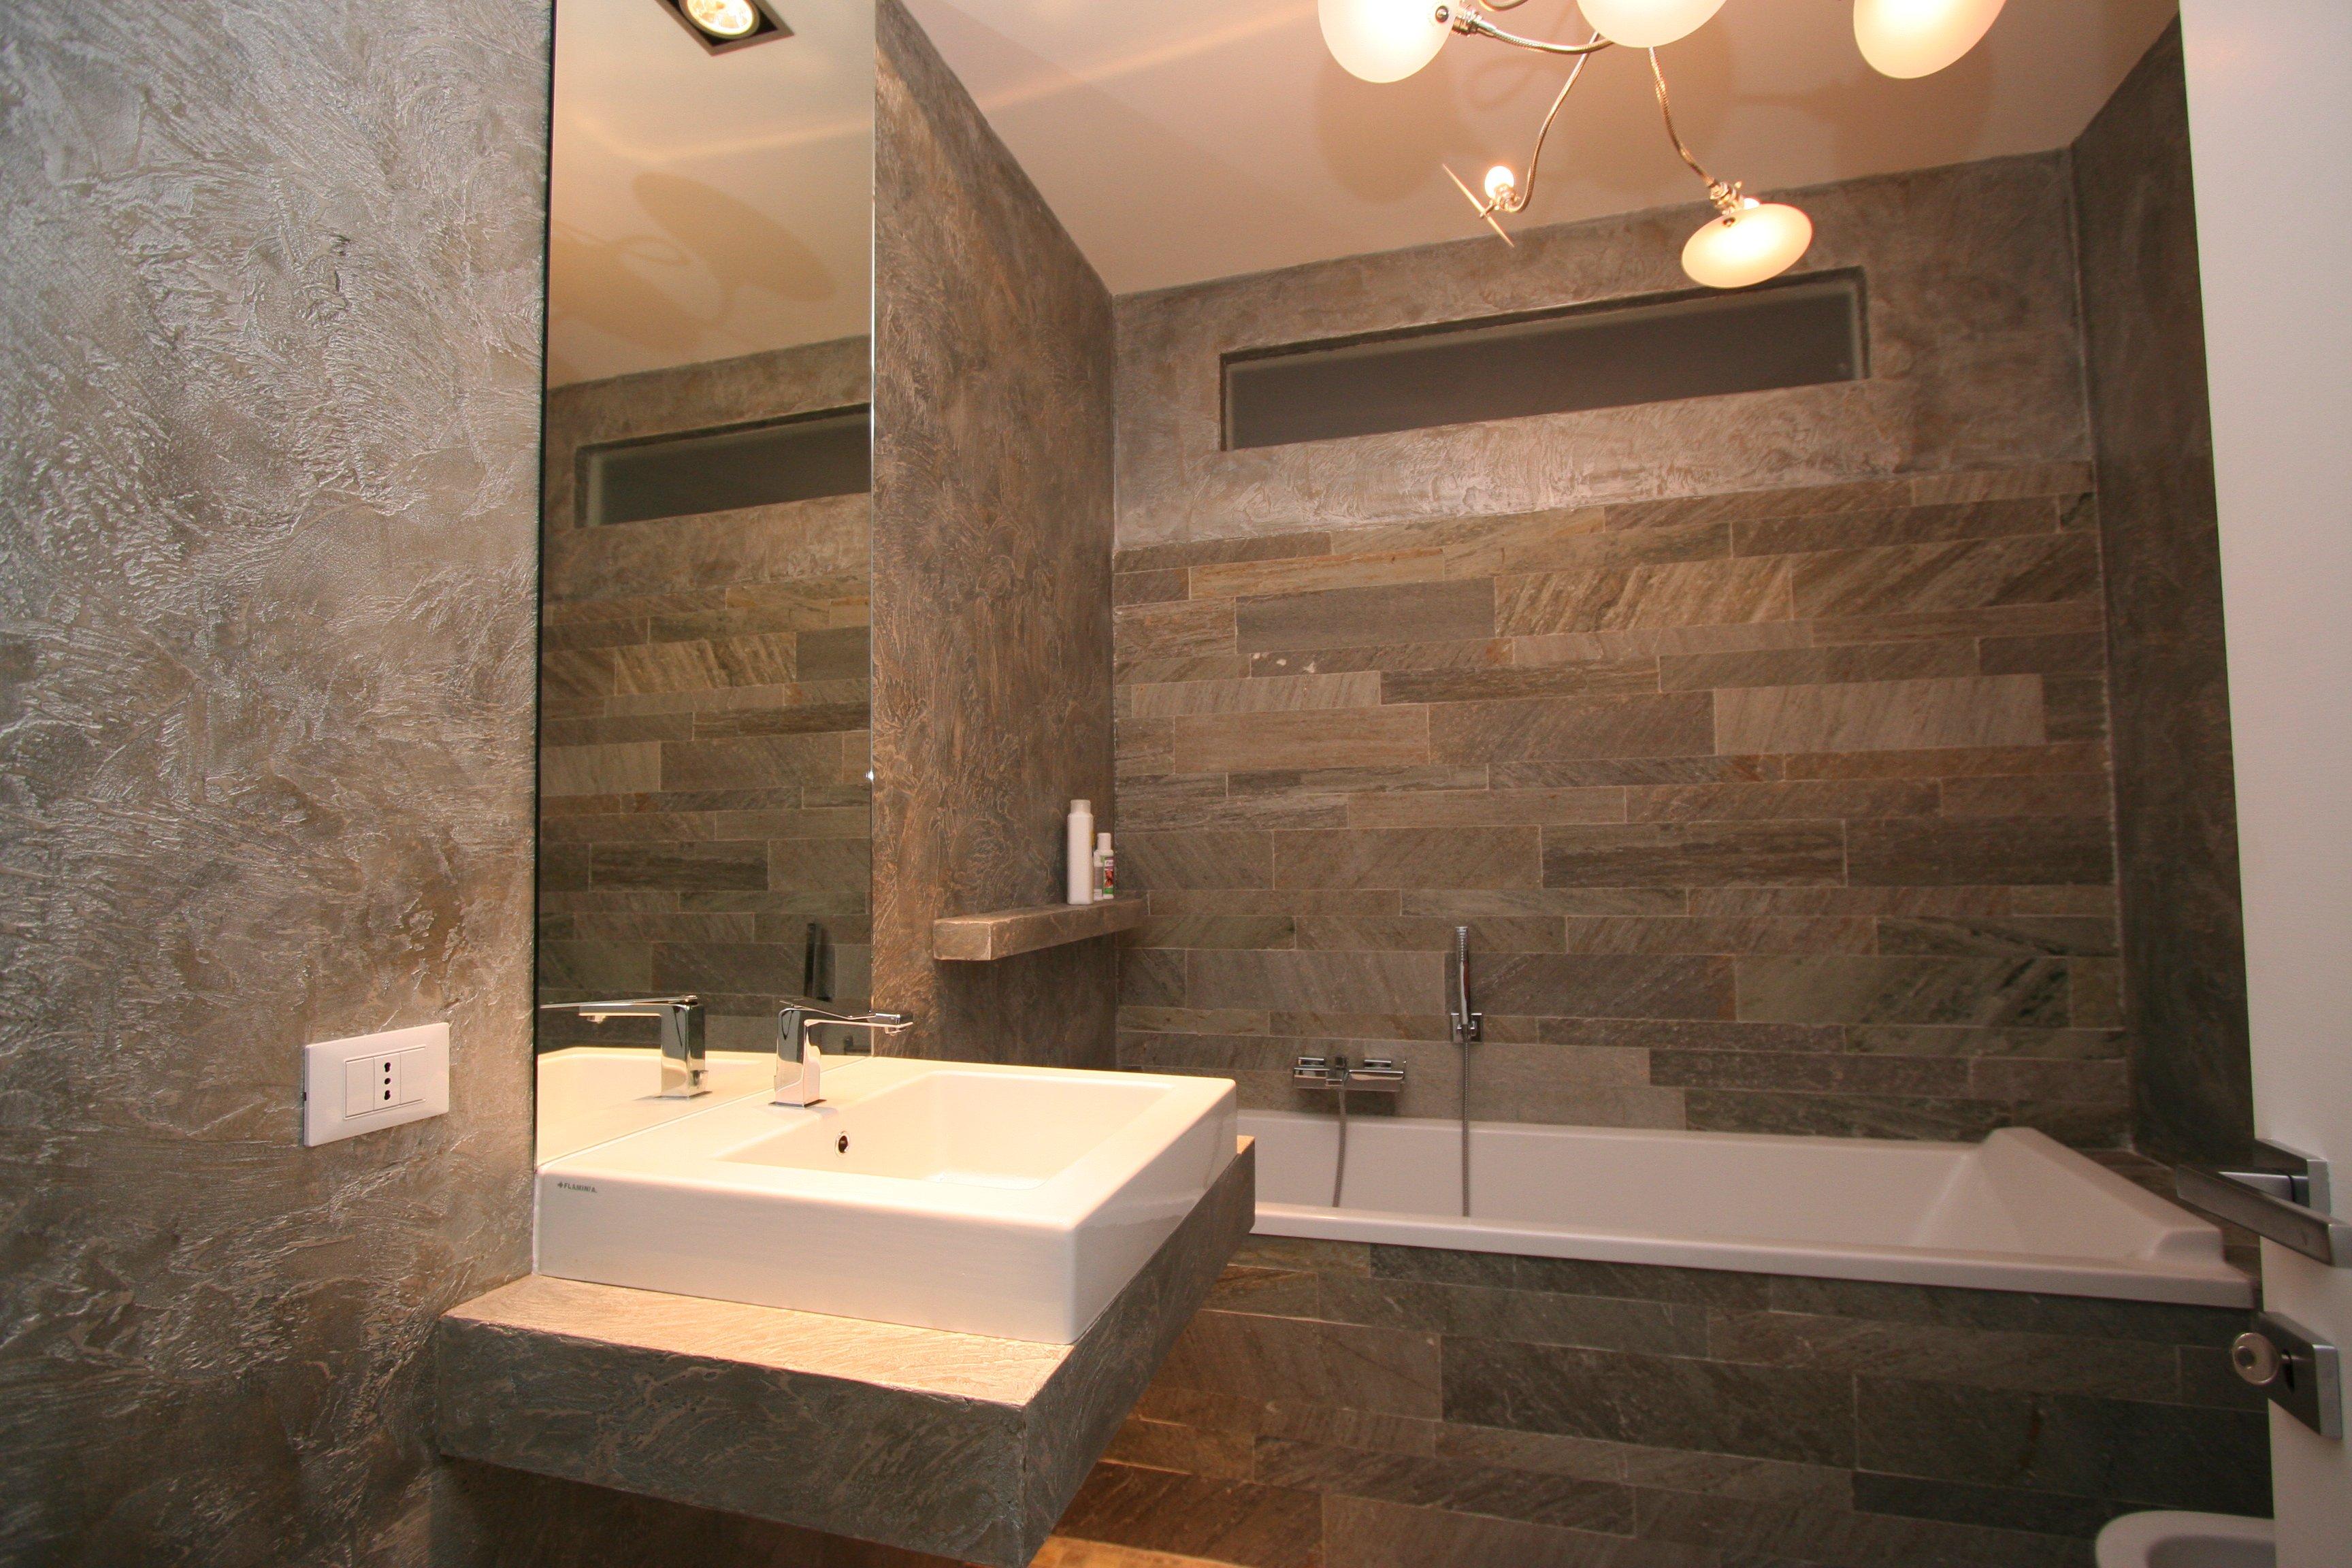 Image bagno 2 foto 5 lavandino a incasso e lo specchio - Lavandino da incasso bagno ...